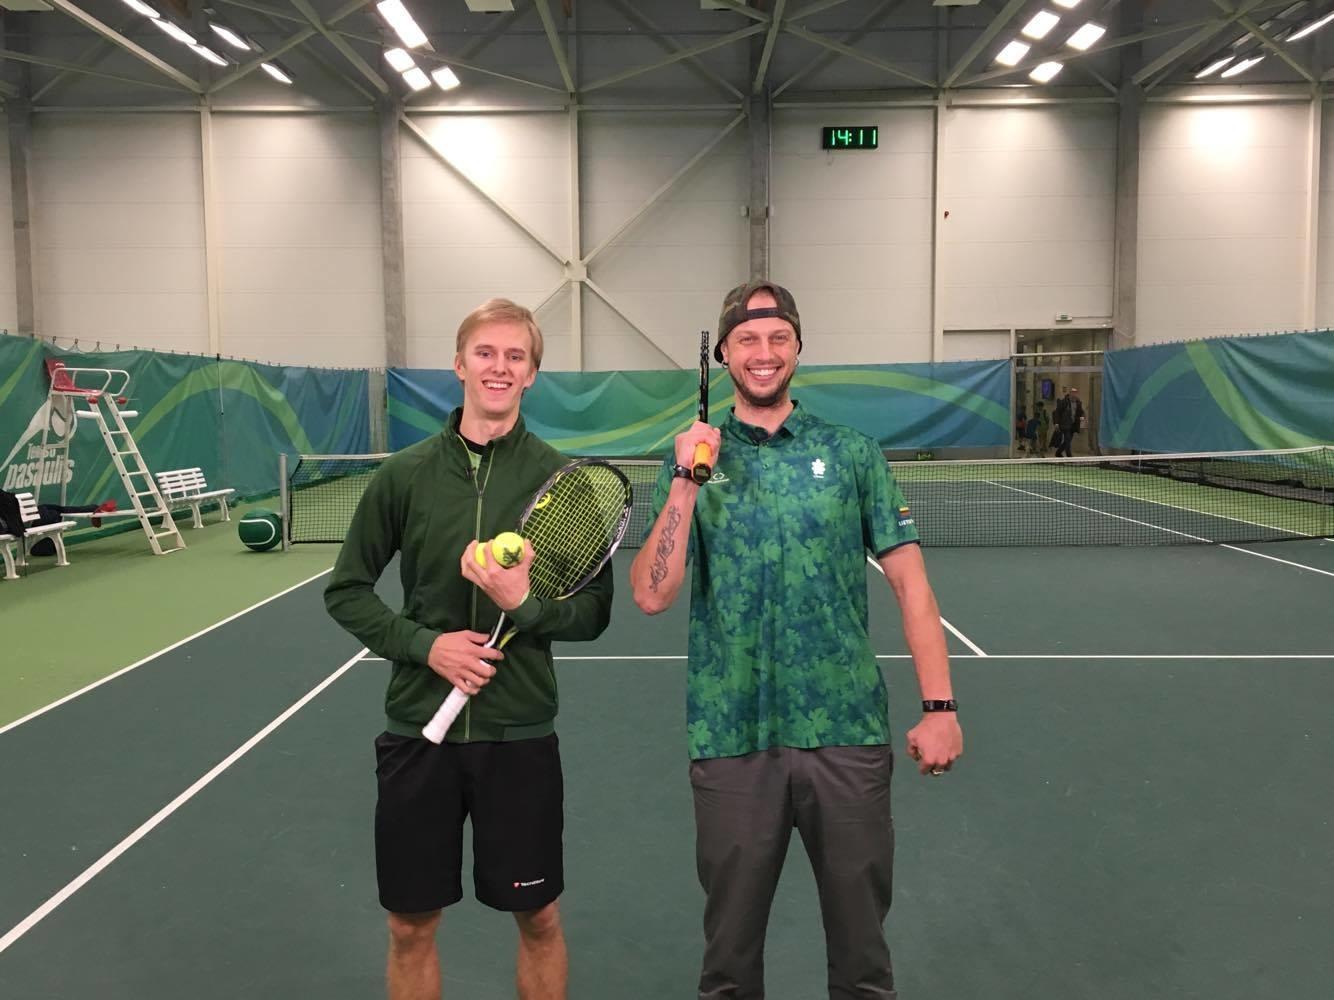 Tenisininkas Lukas Mugevičius: vidinė stiprybė – svarbiausia sportininko savybė